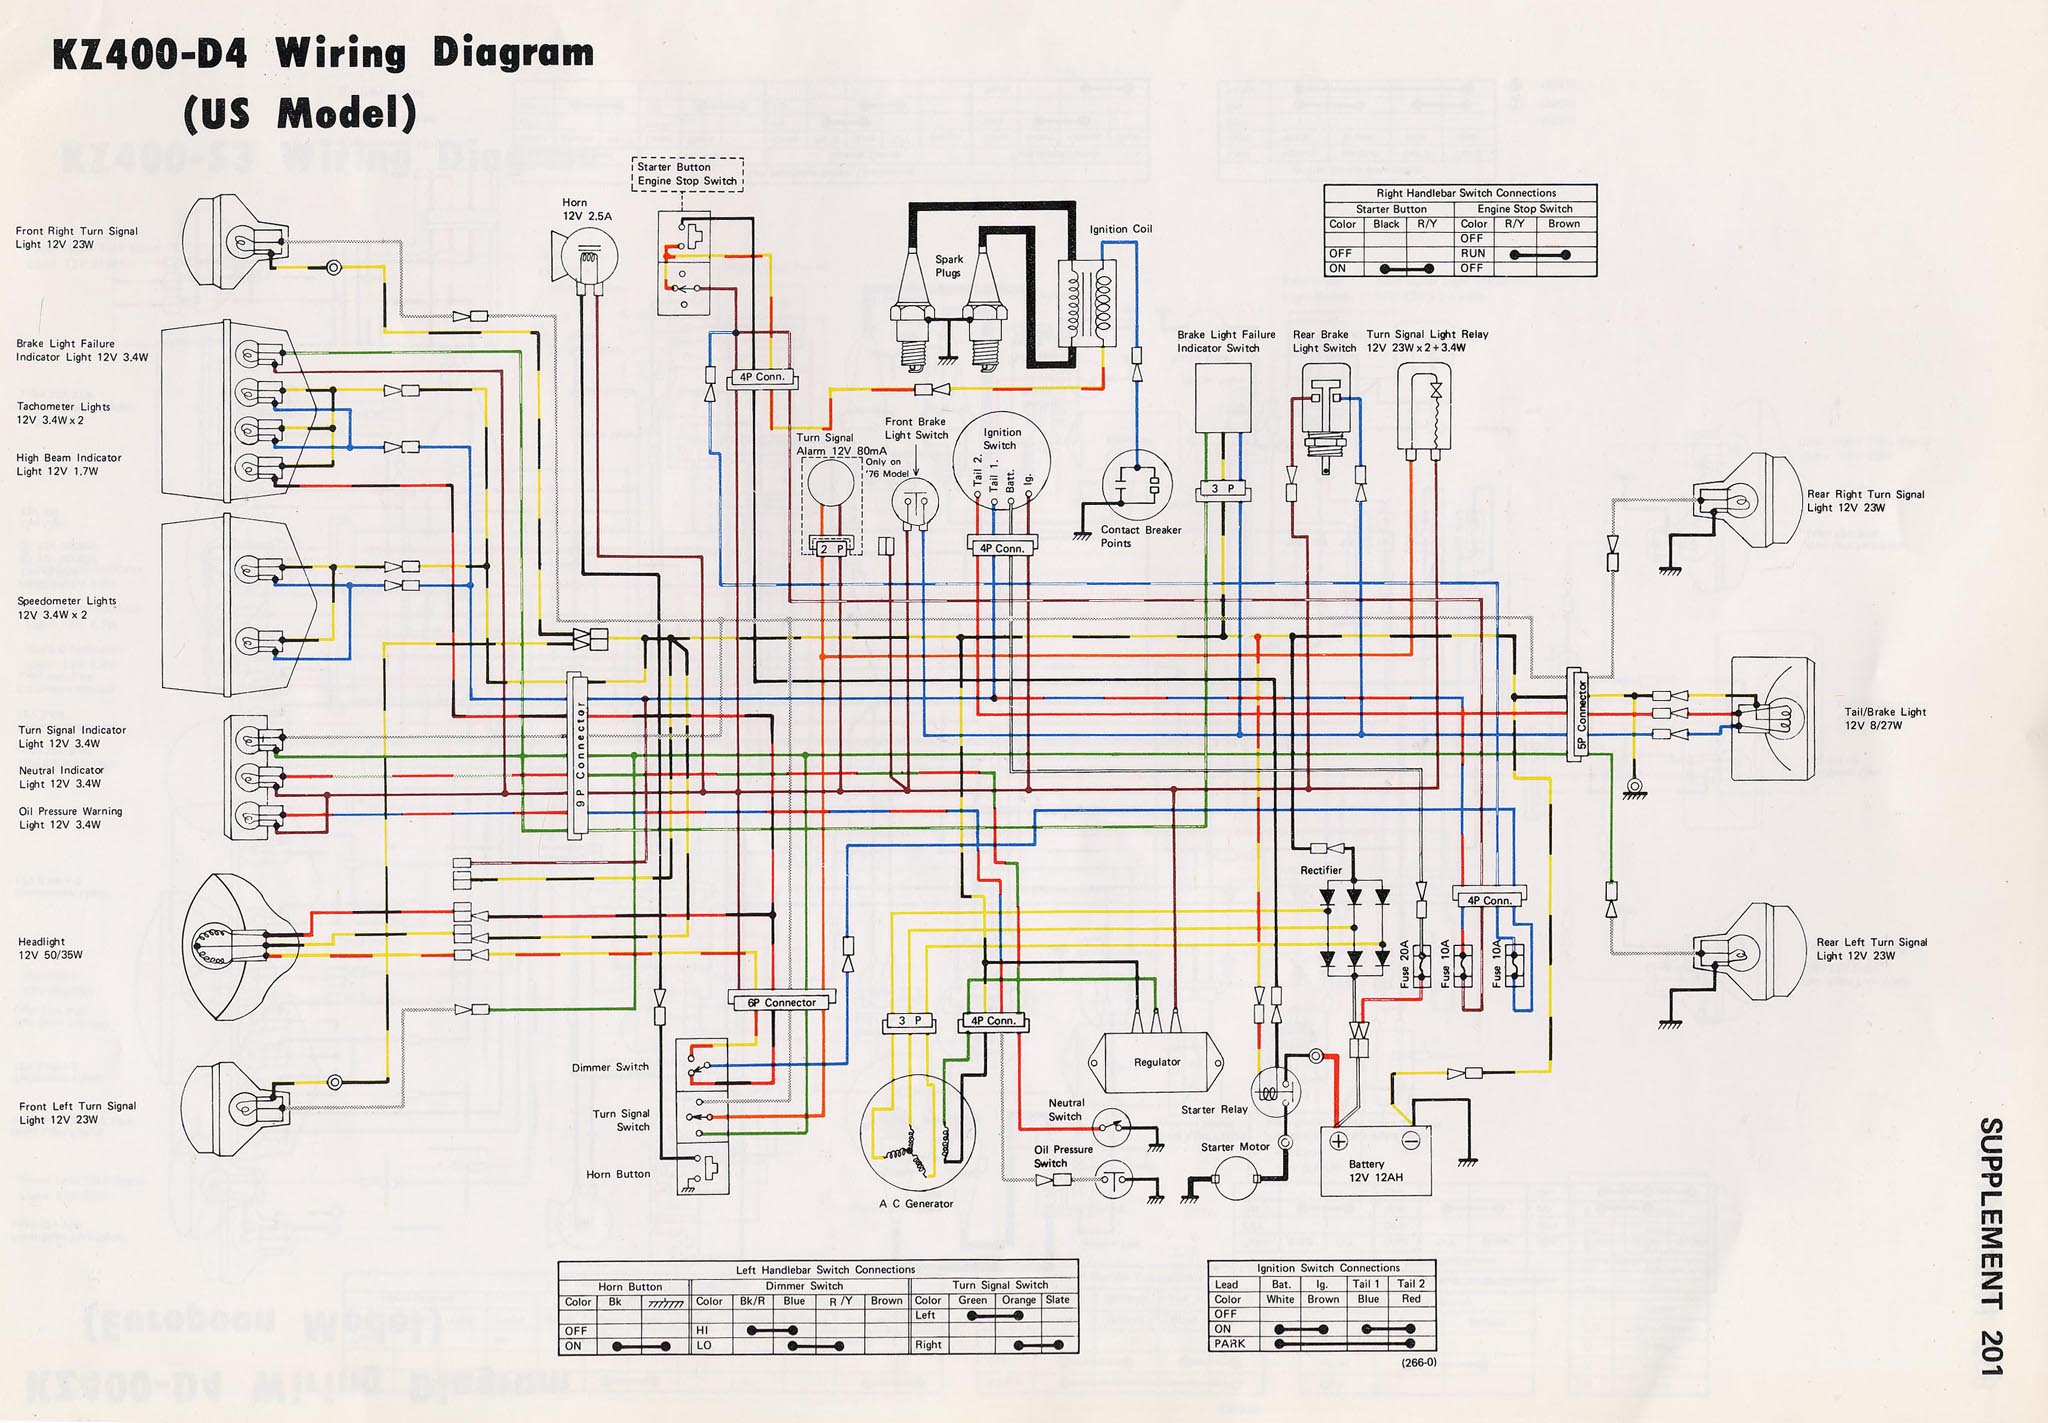 kz1000 wiring diagram honda engine gcv160 carburetor kawasaki kz440 b1 kz700 elsavadorla